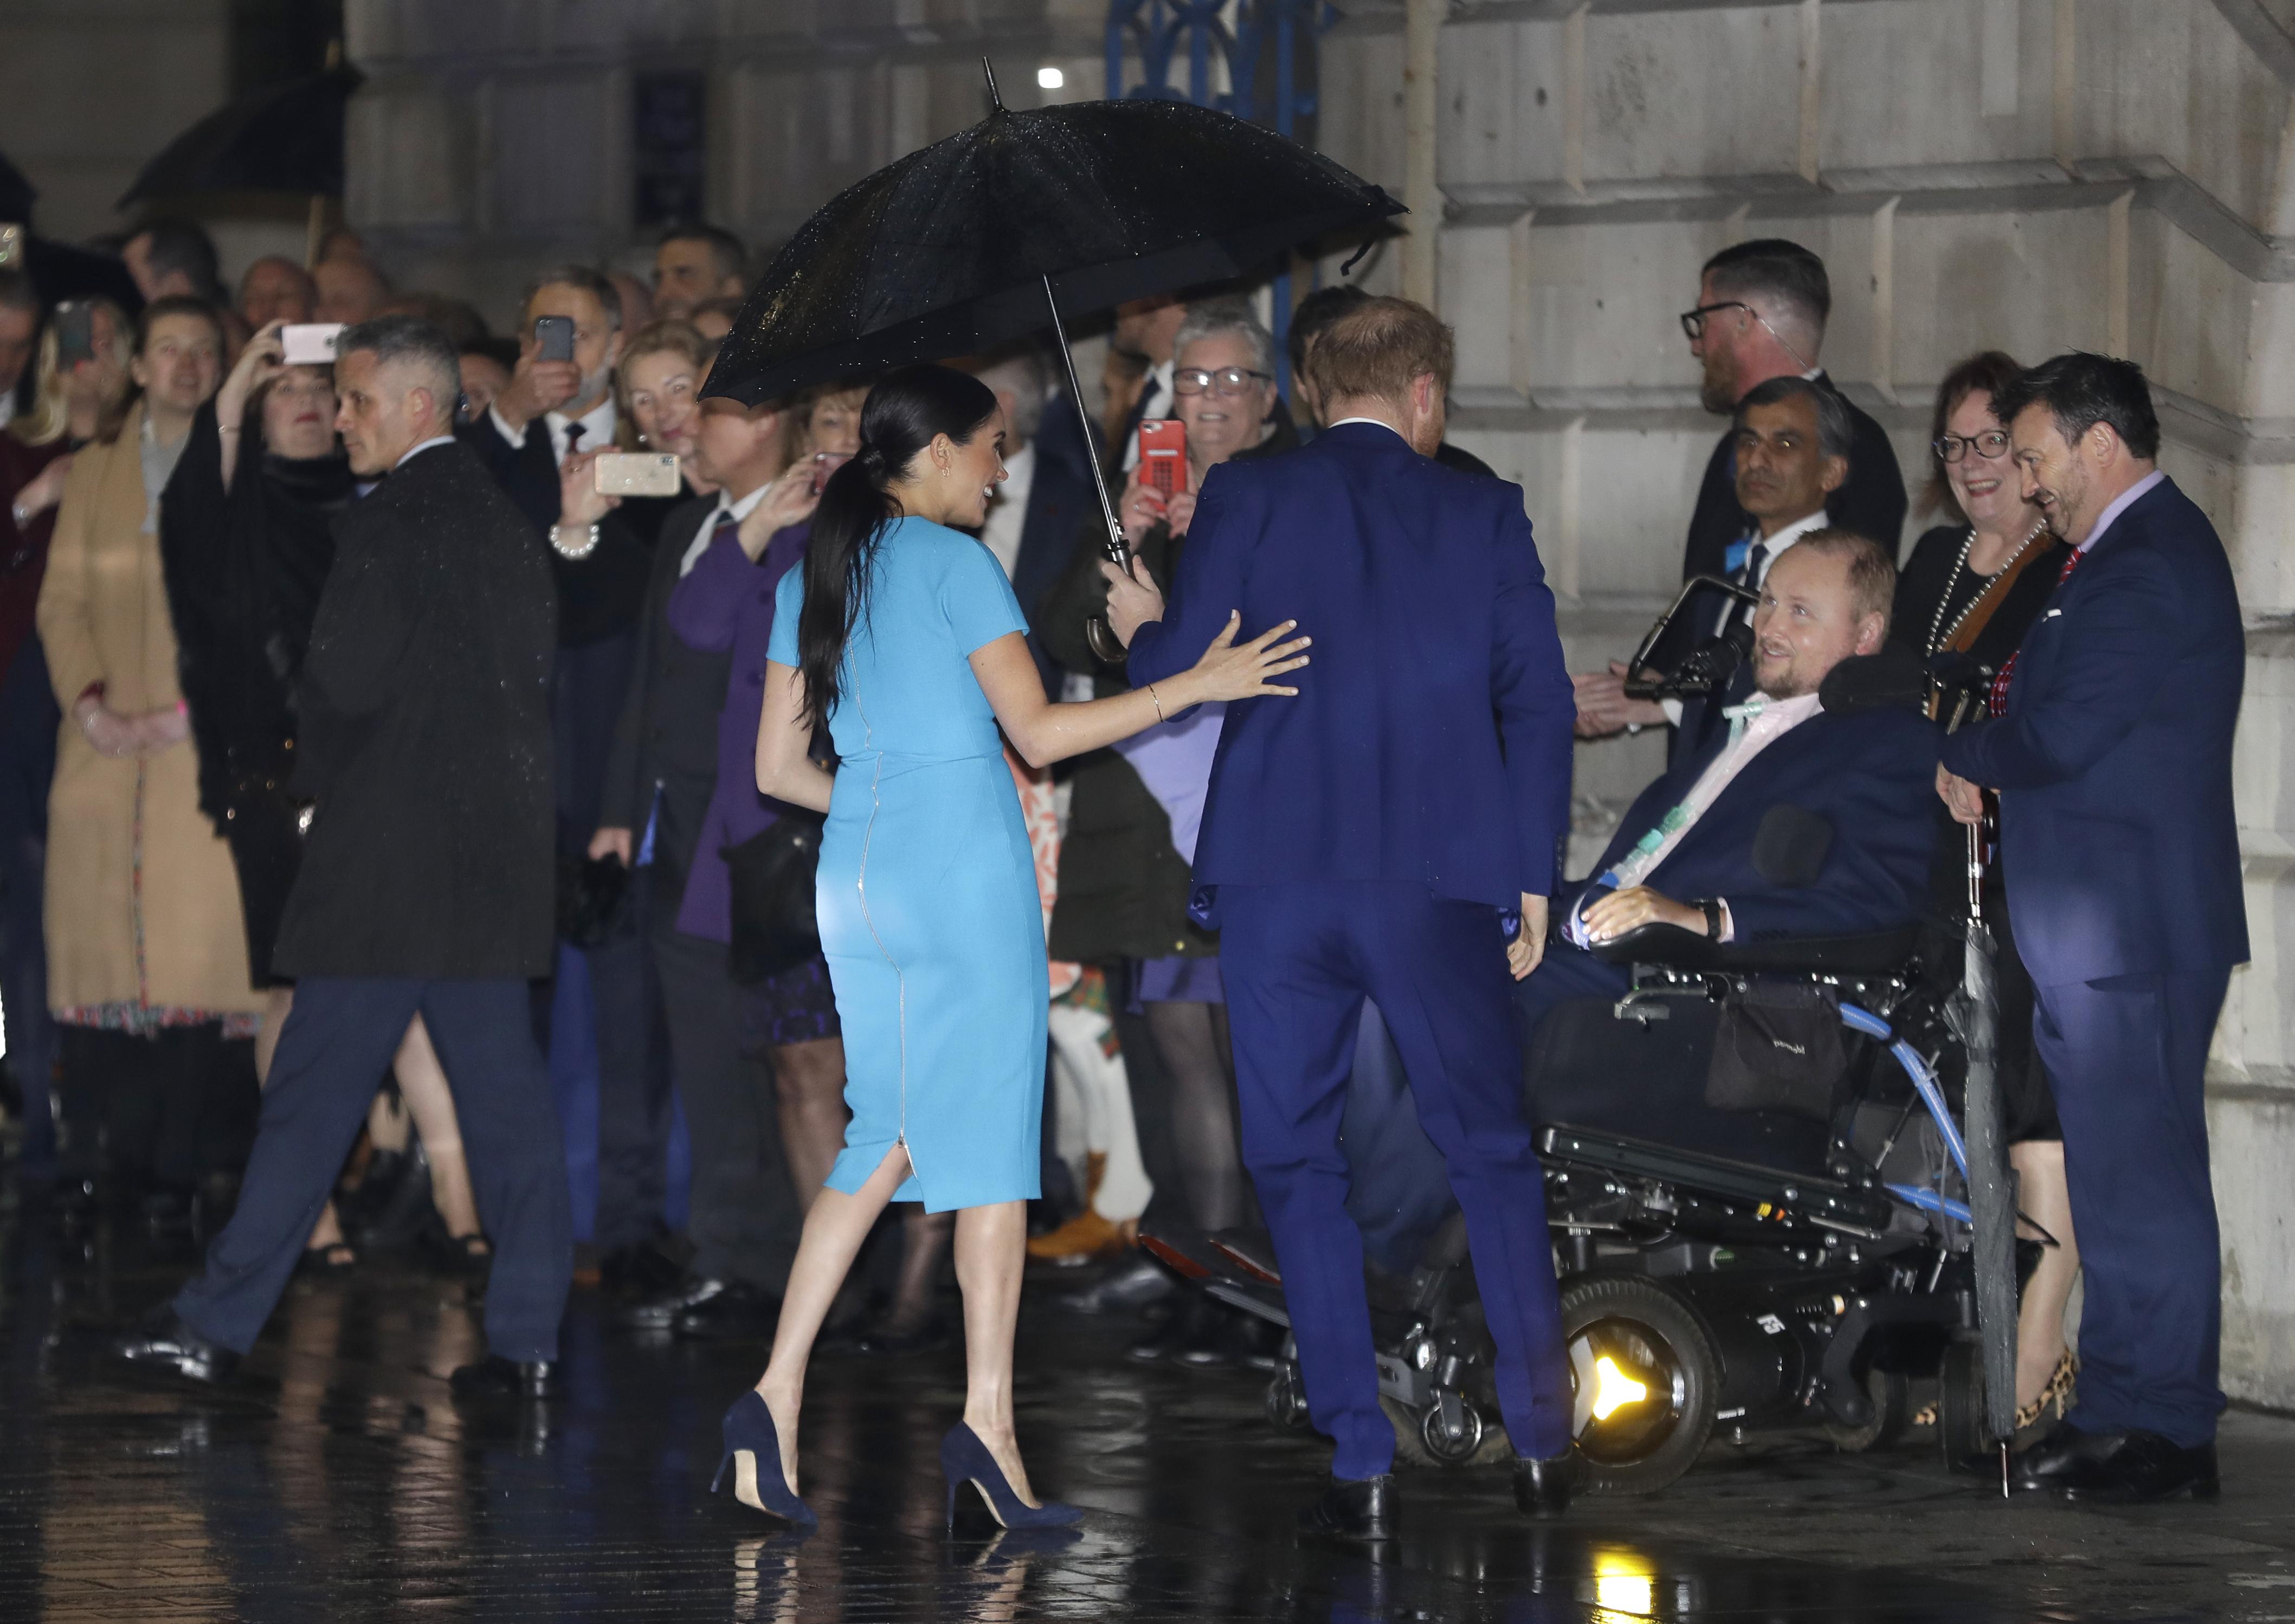 La pareja se retirará de sus funciones como miembros de la realeza. (AP)